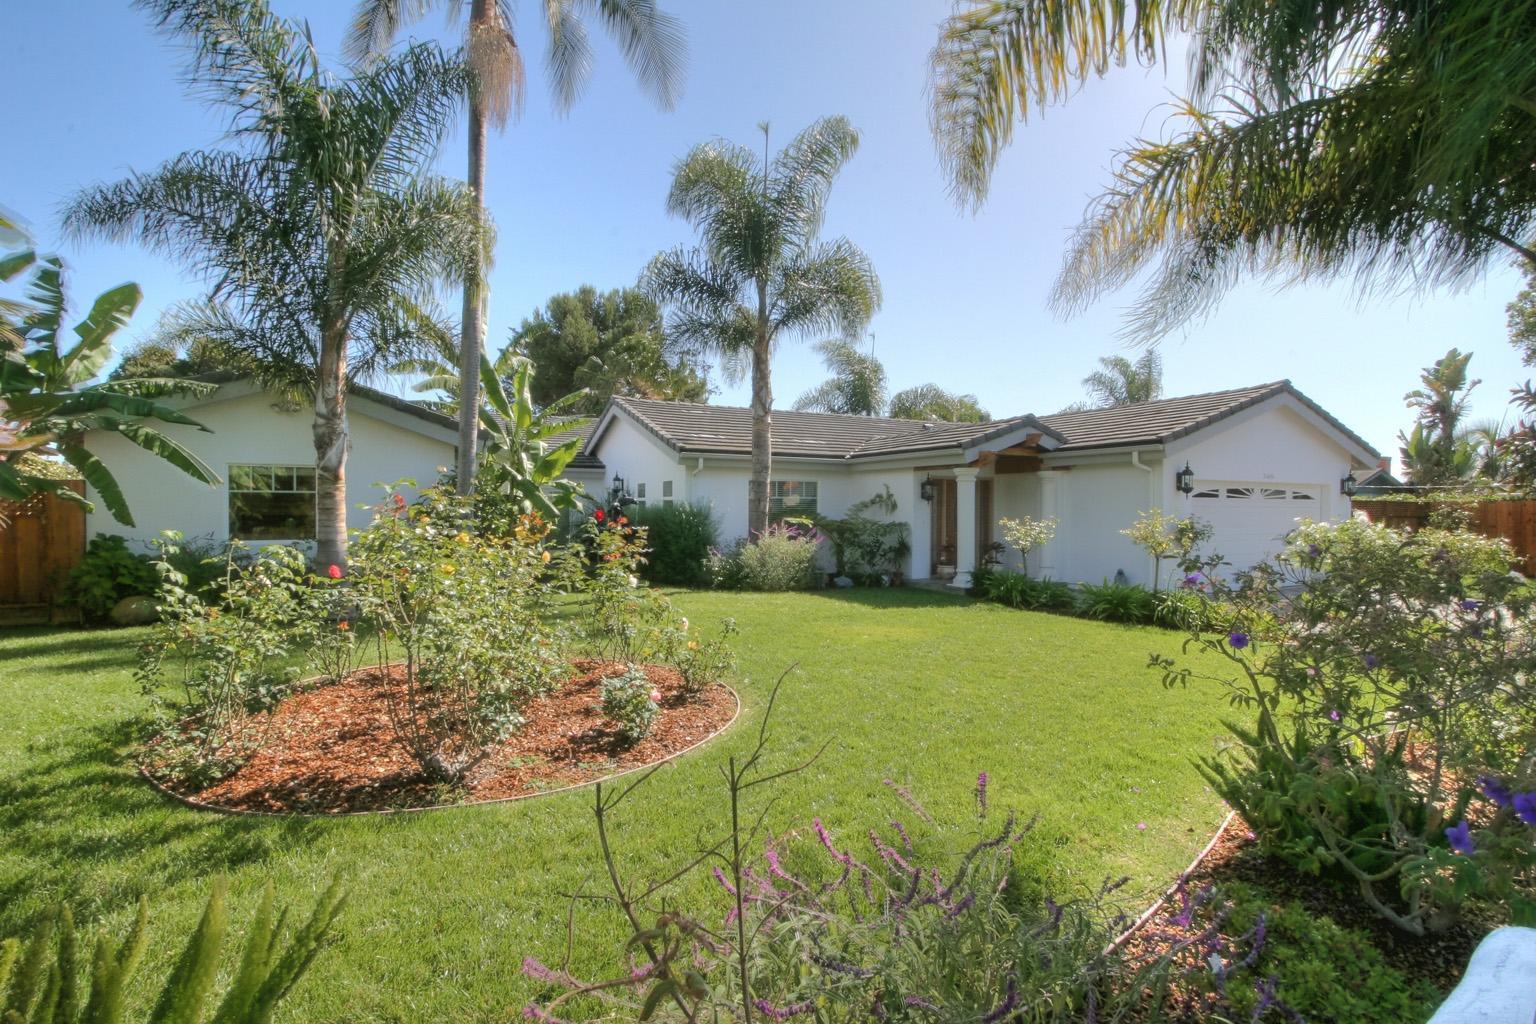 Property photo for 348 Palisades Dr Santa Barbara, California 93109 - 13-3431